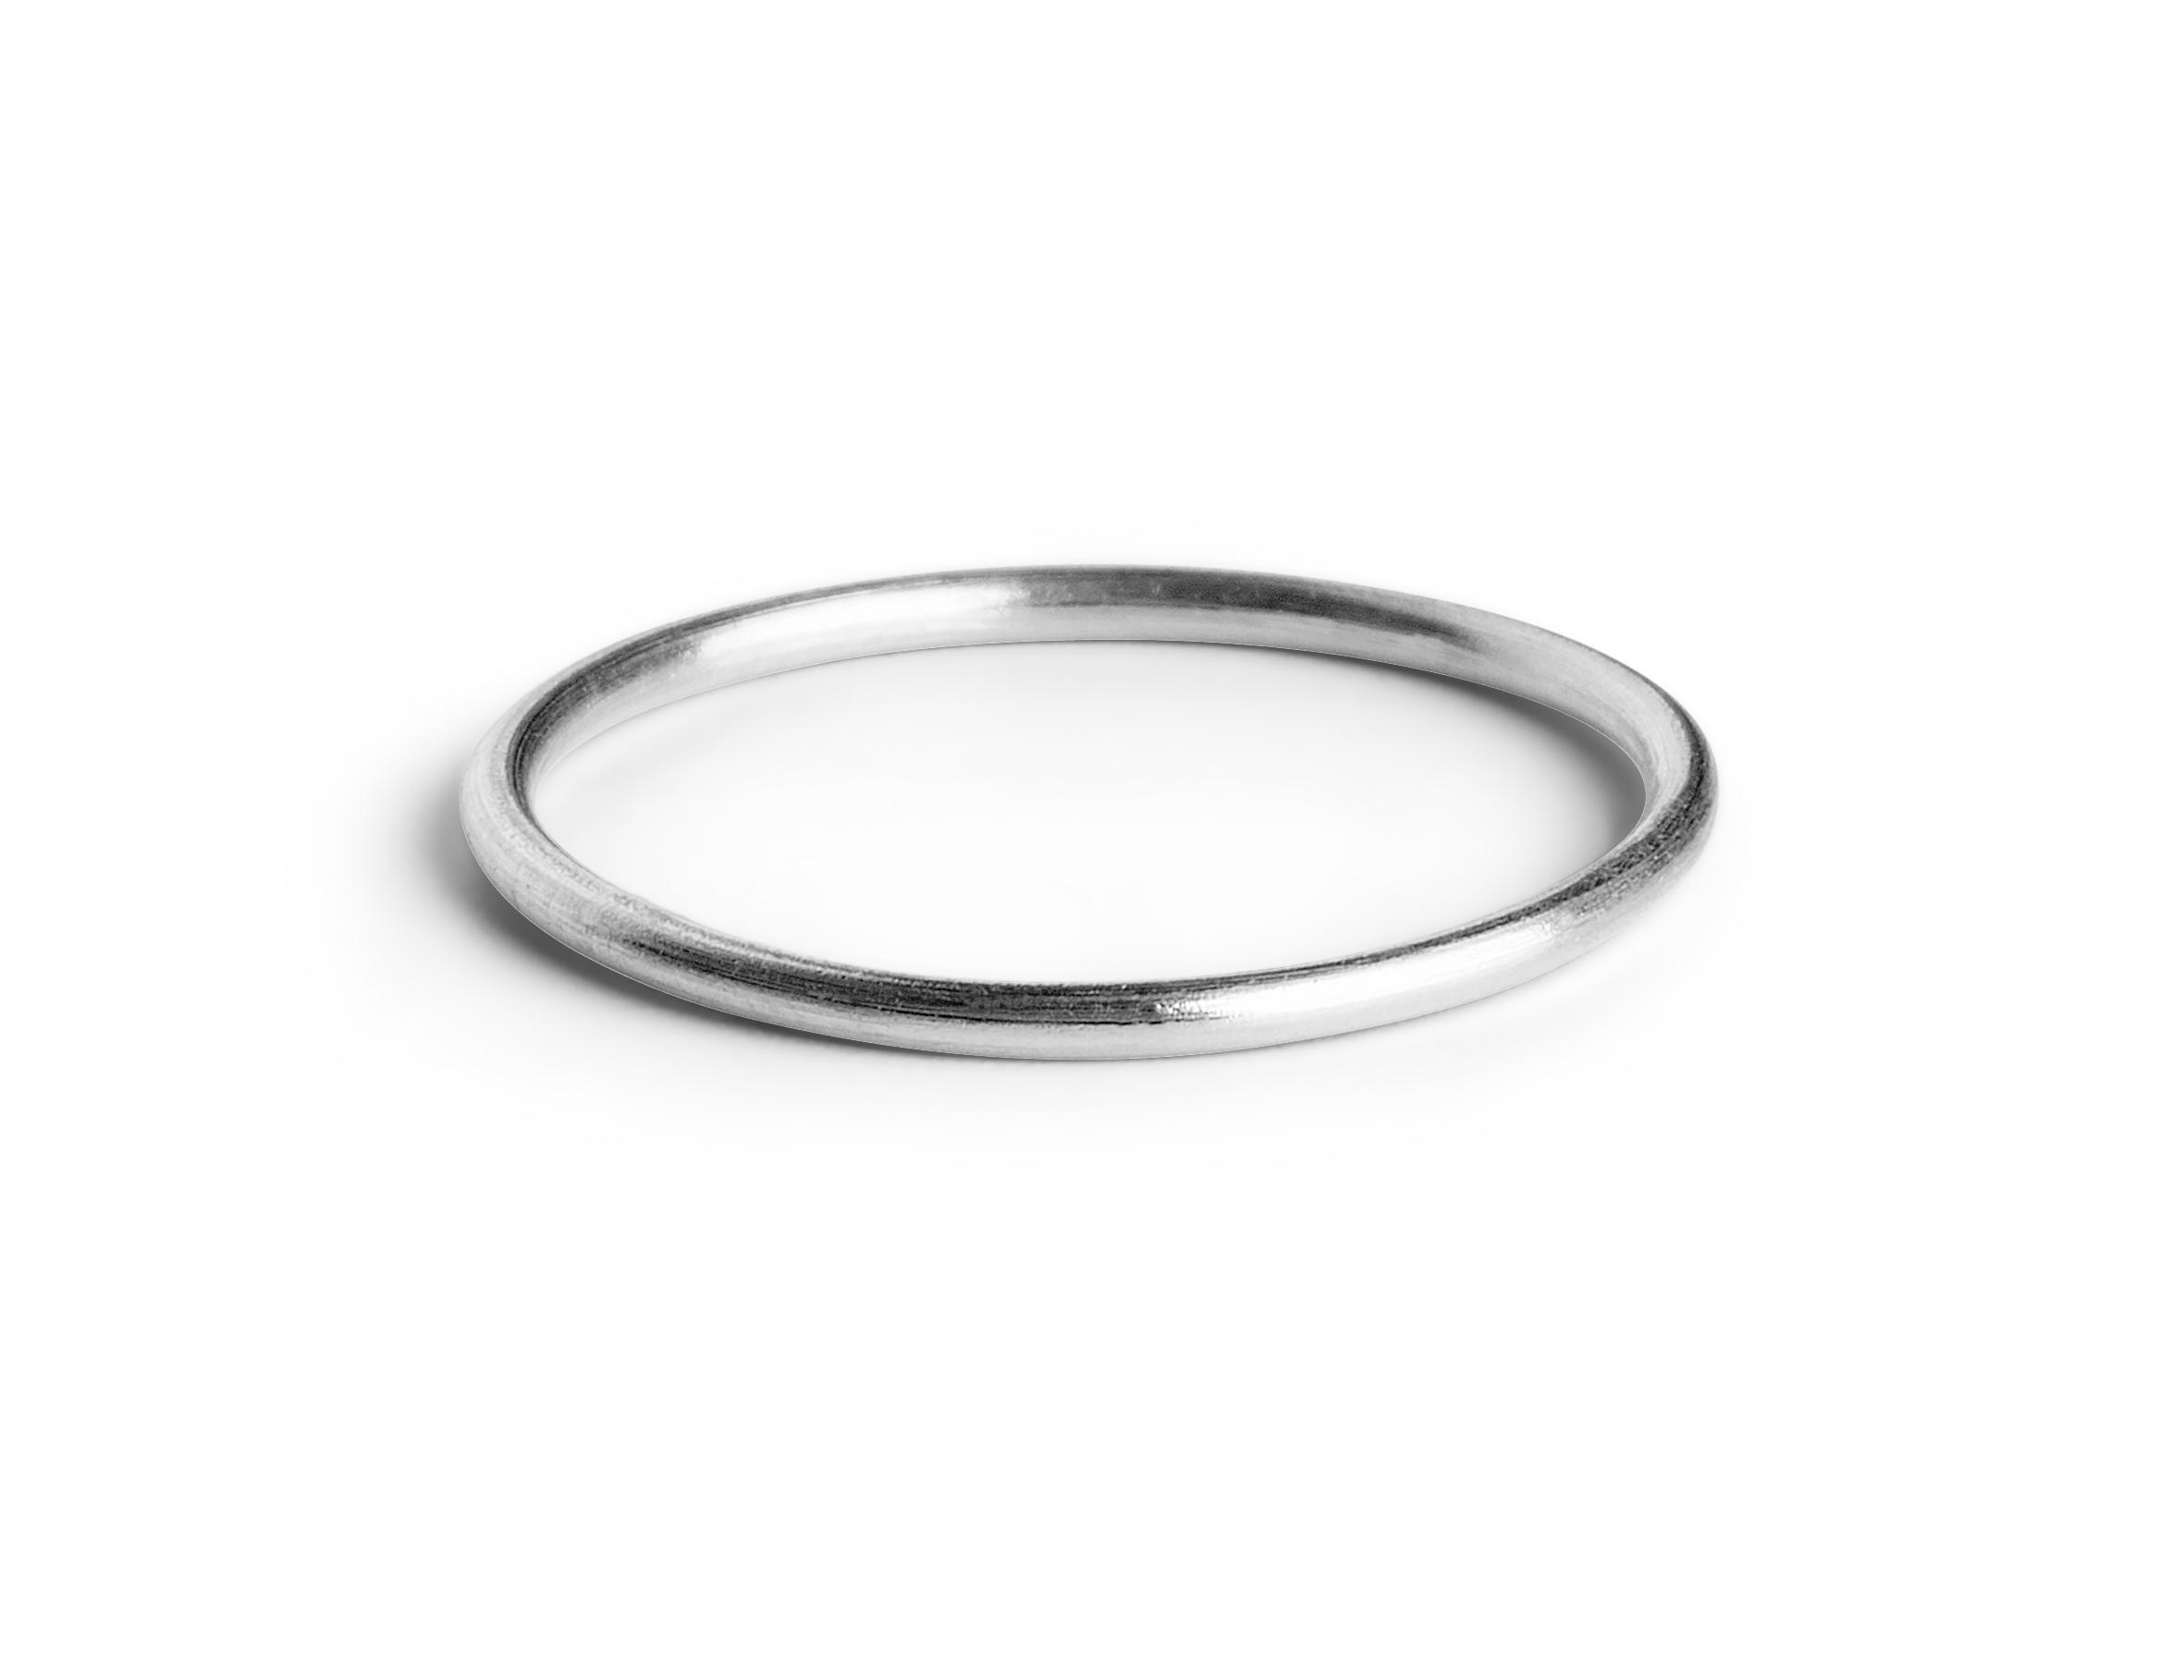 Jane Kønig Simple ring, sølv, 54